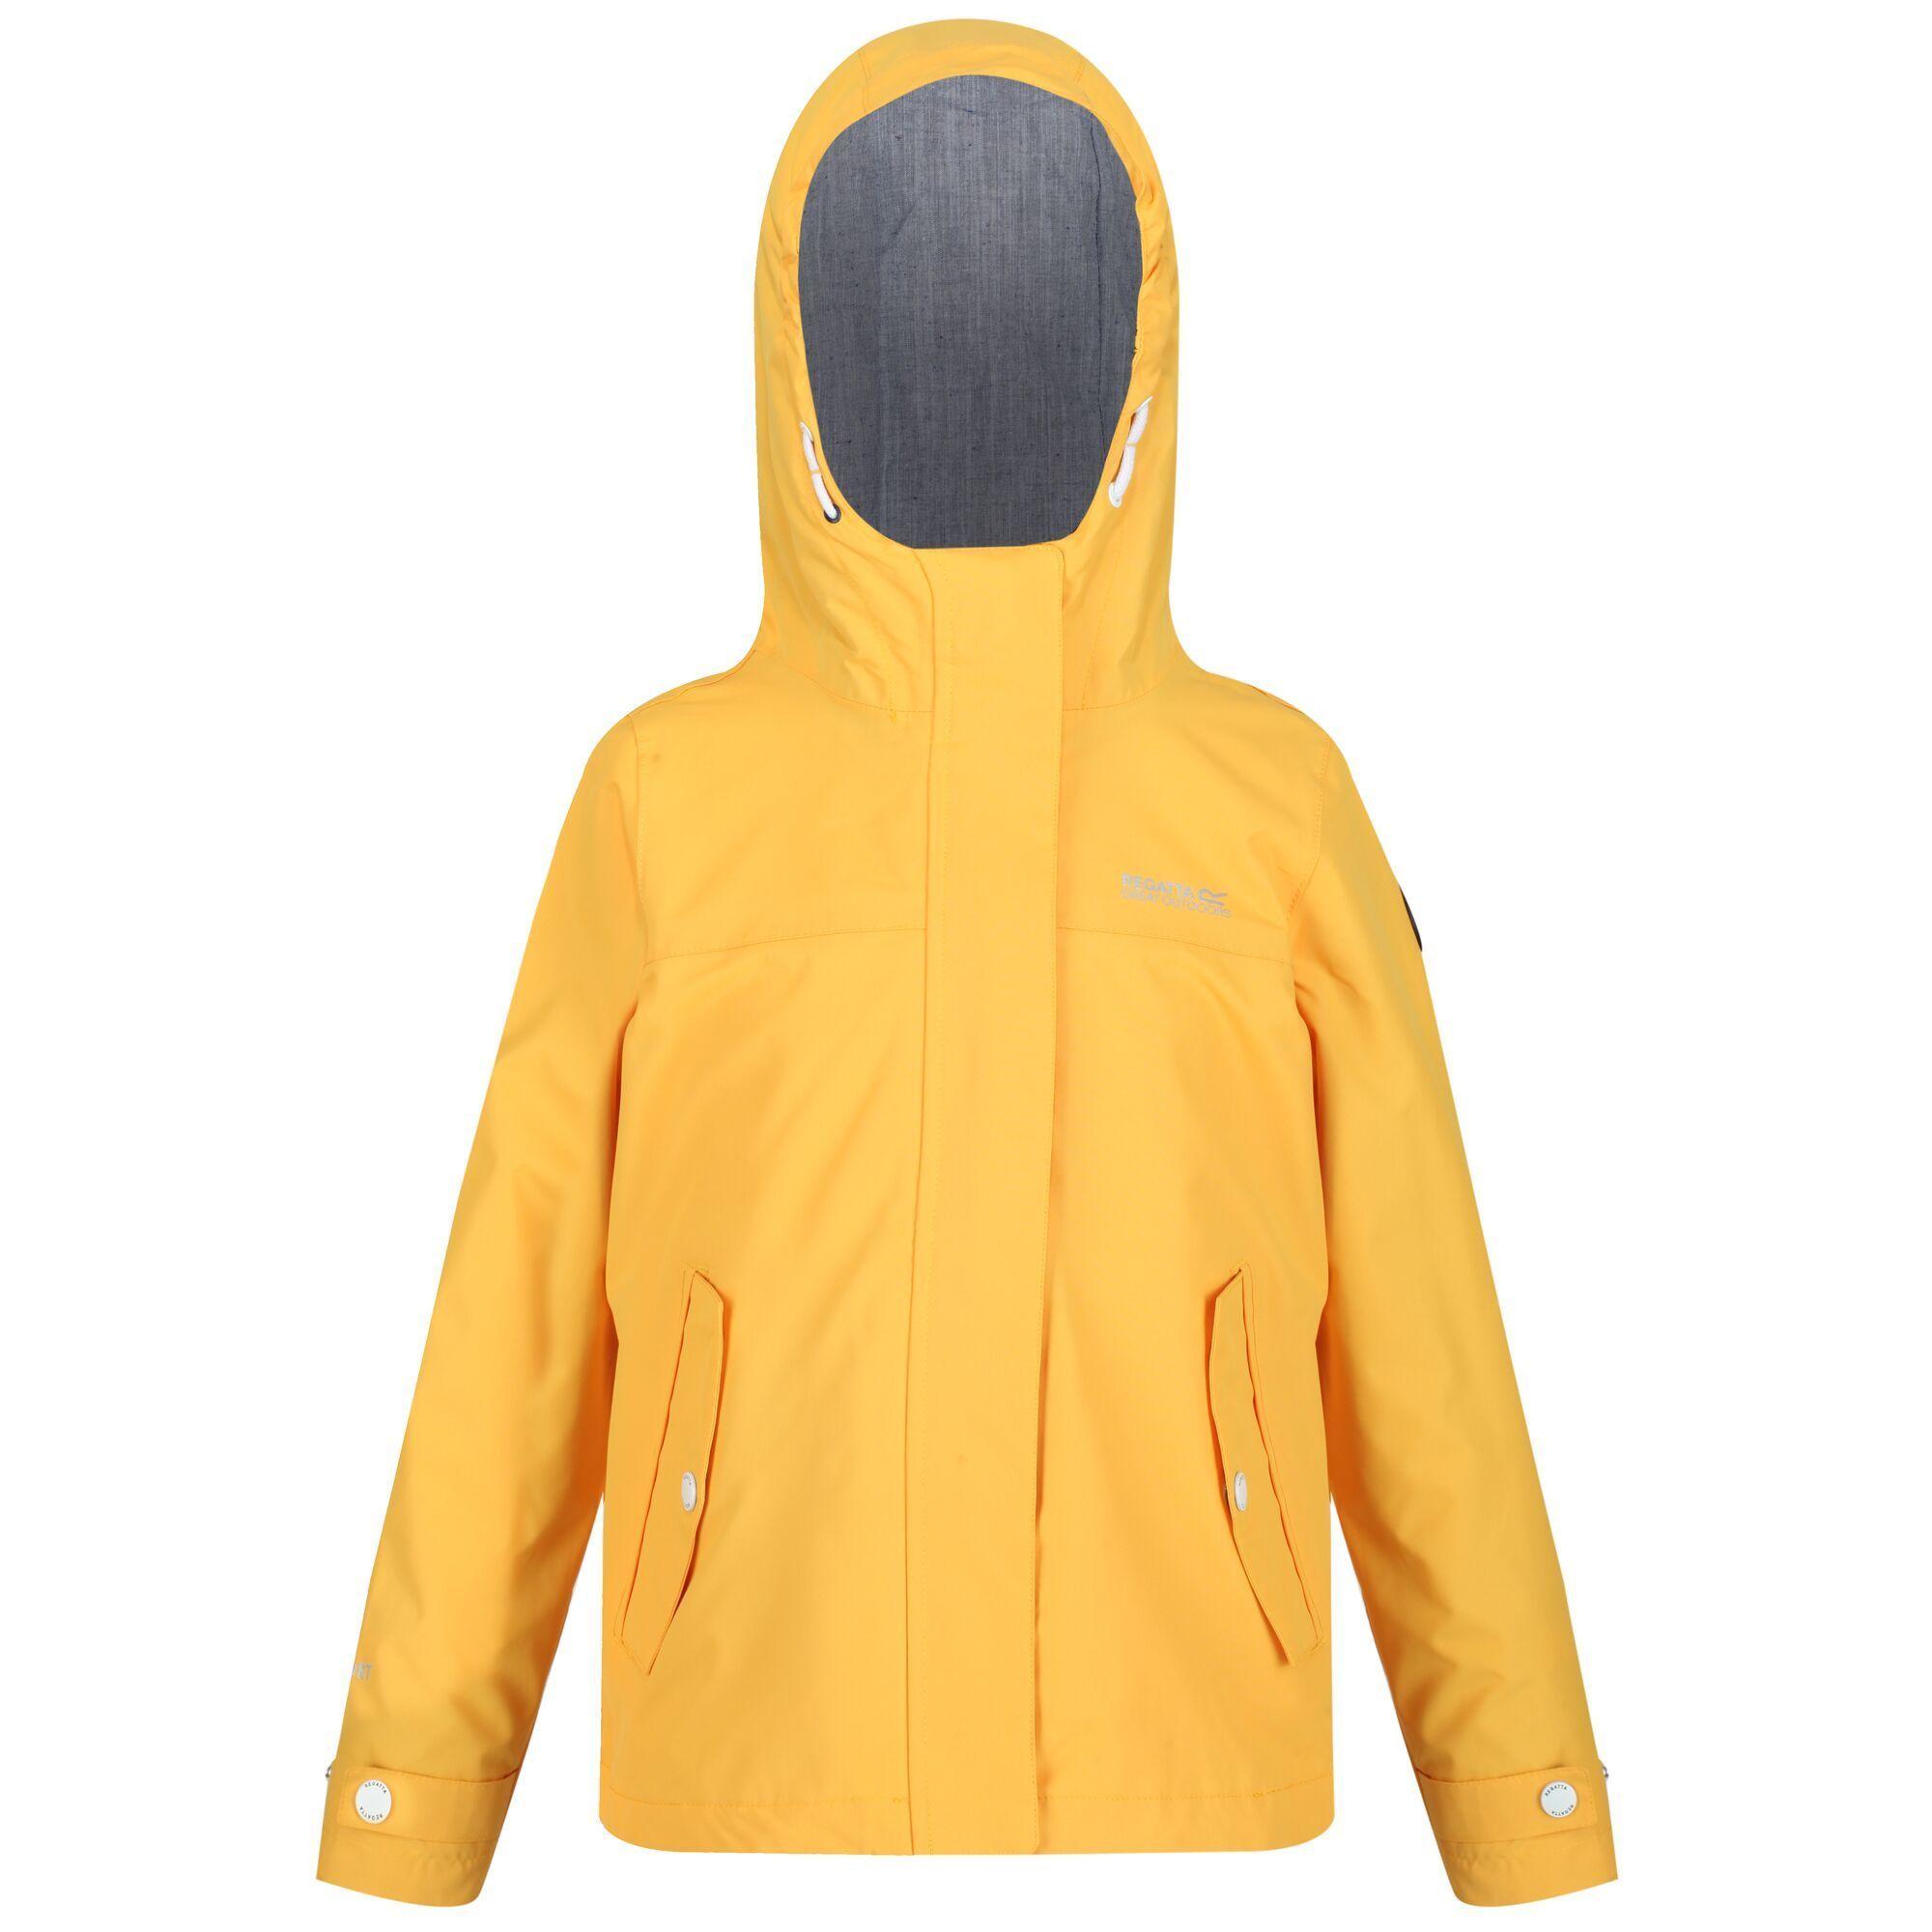 Regatta Childrens/Kids Bibiana Waterproof Jacket (California Yellow)